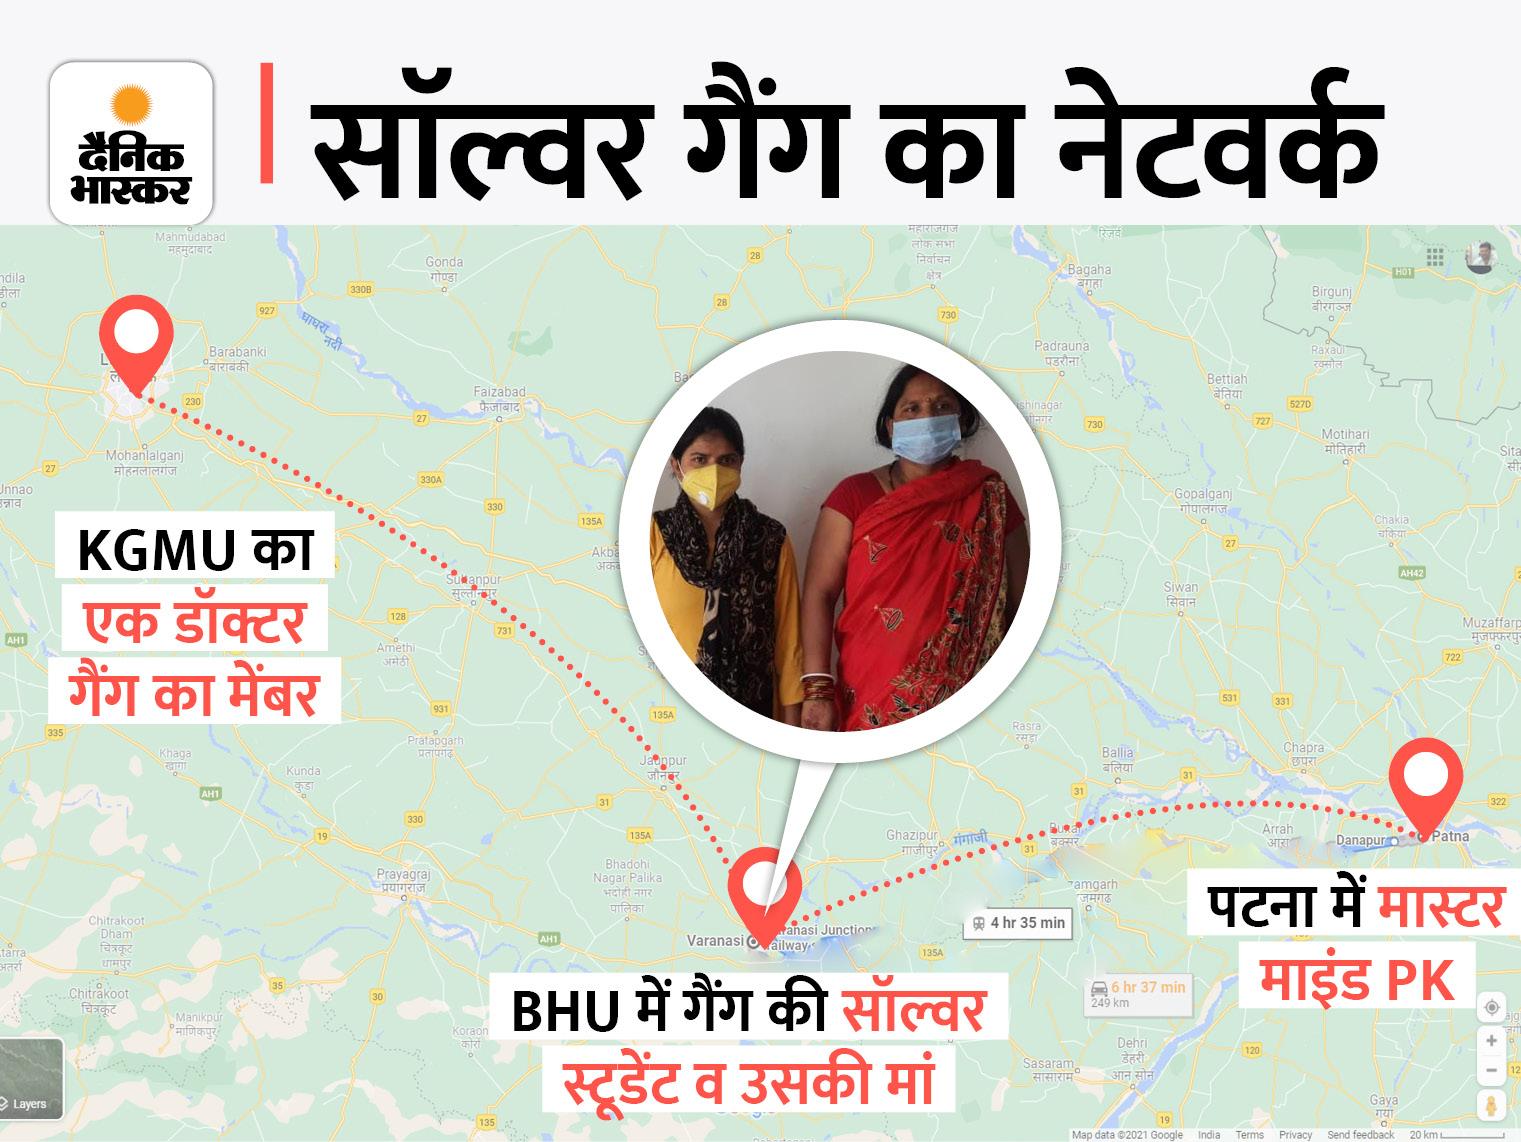 NEET में 5 लाख लेकर दूसरे की जगह परीक्षा देने बैठी; मां-बेटी समेत 4 को क्राइम ब्रांच ने उठाया, मास्टरमाइंड पटना का PK|वाराणसी,Varanasi - Dainik Bhaskar